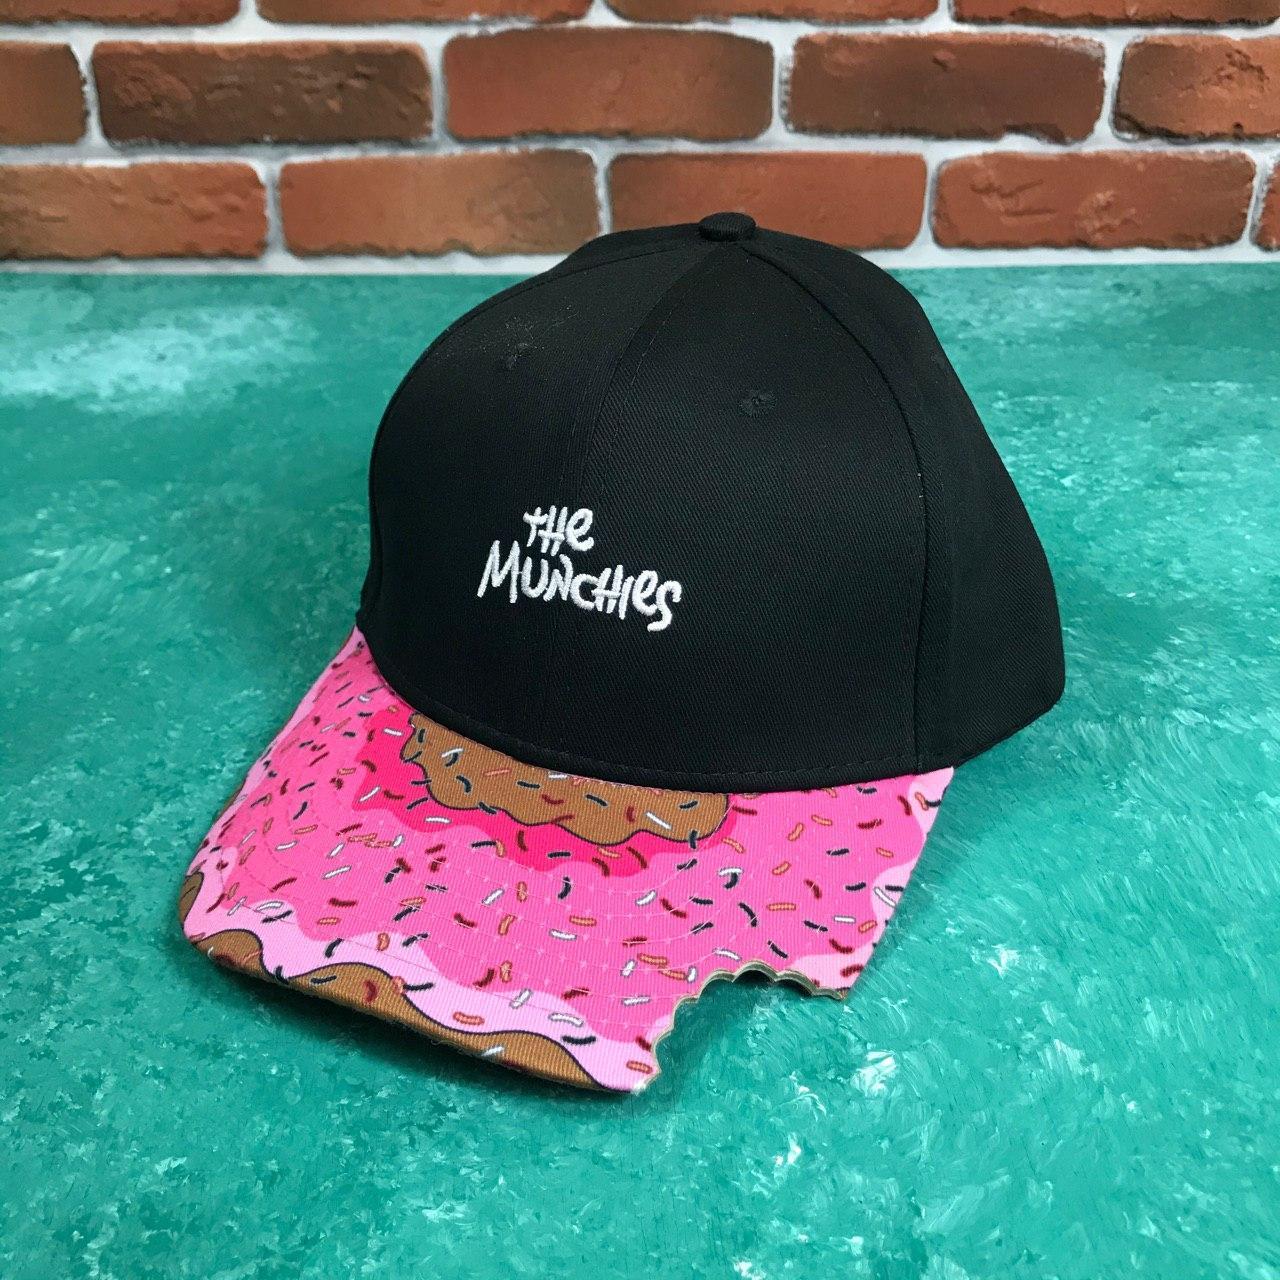 Кепка Бейсболка Женская Cayler Sons Пончик Укус The Munchies Черная с розовым козырьком